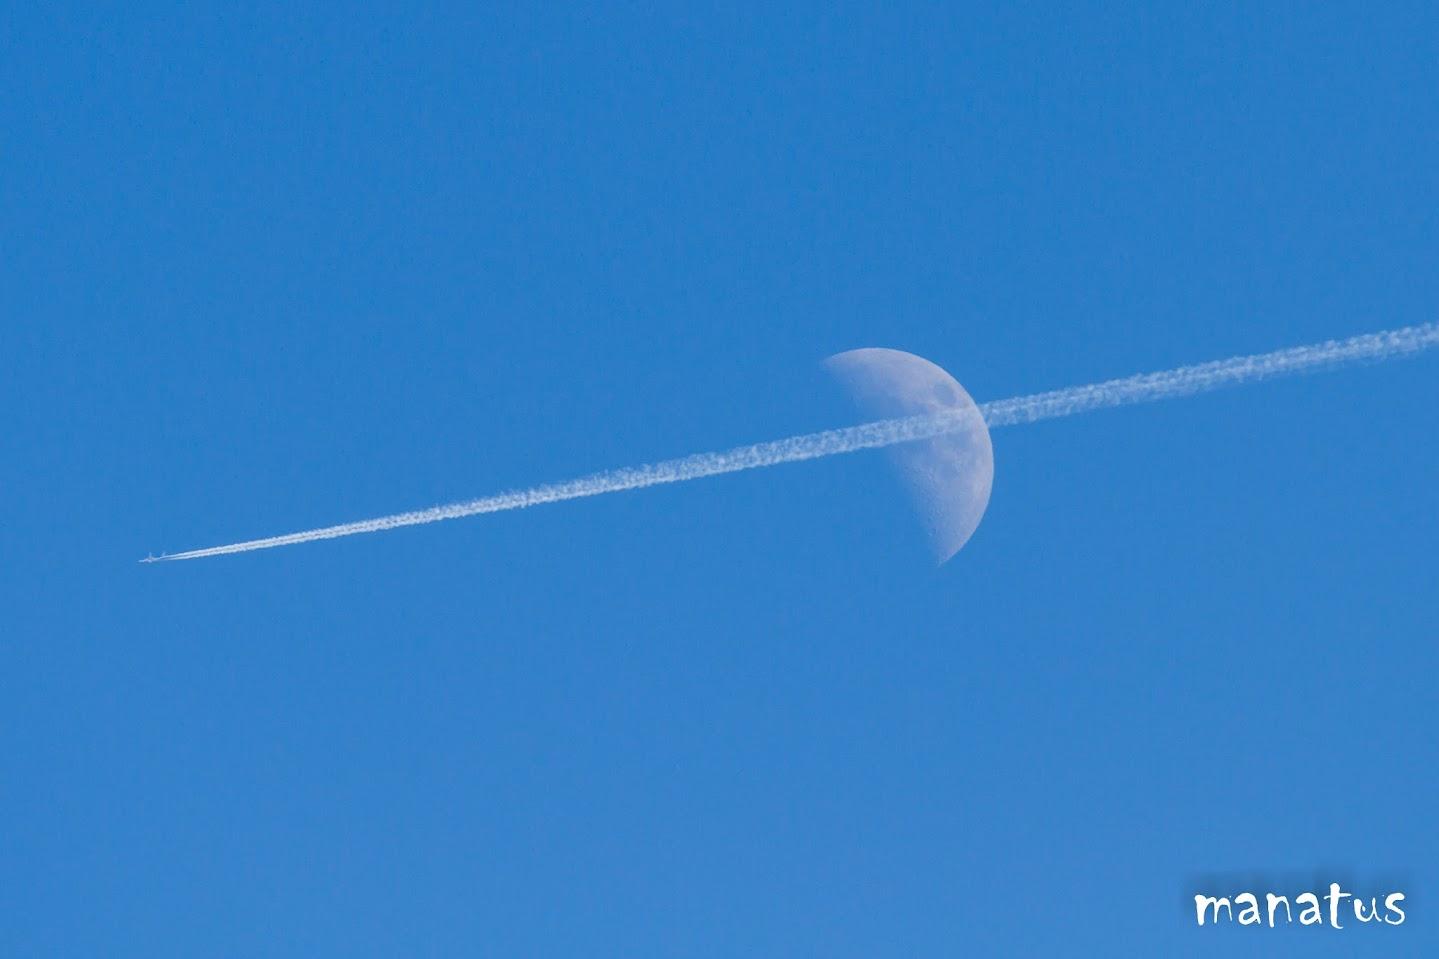 manatus luna estela avión